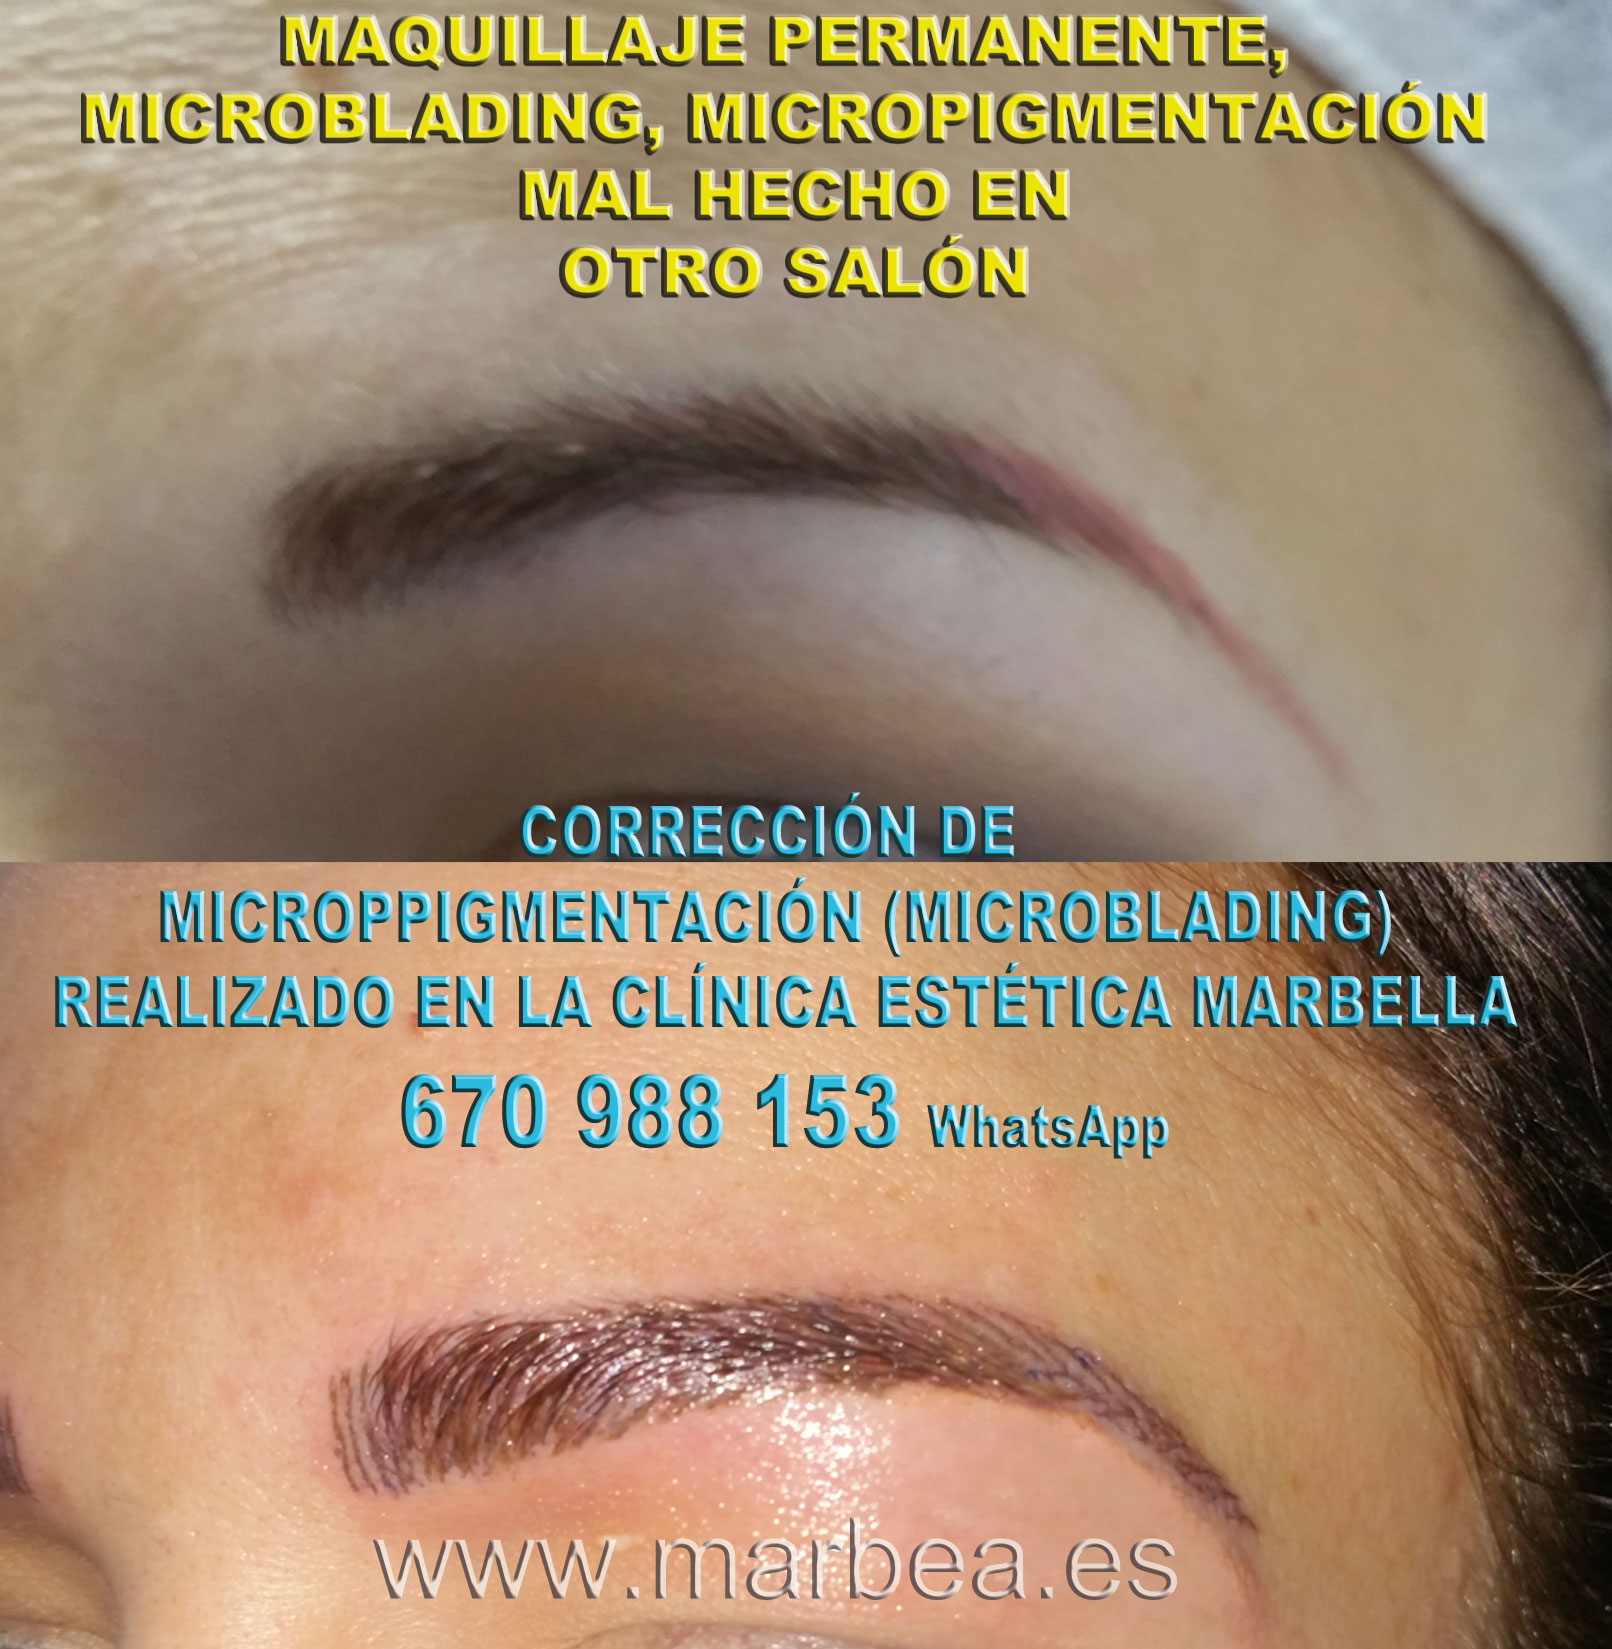 ELIMINAR TATUAJE CEJAS clínica estética maquillaje permanete ofrece corrección de micropigmentación en cejas,micropigmentación correctiva cejas mal hecha